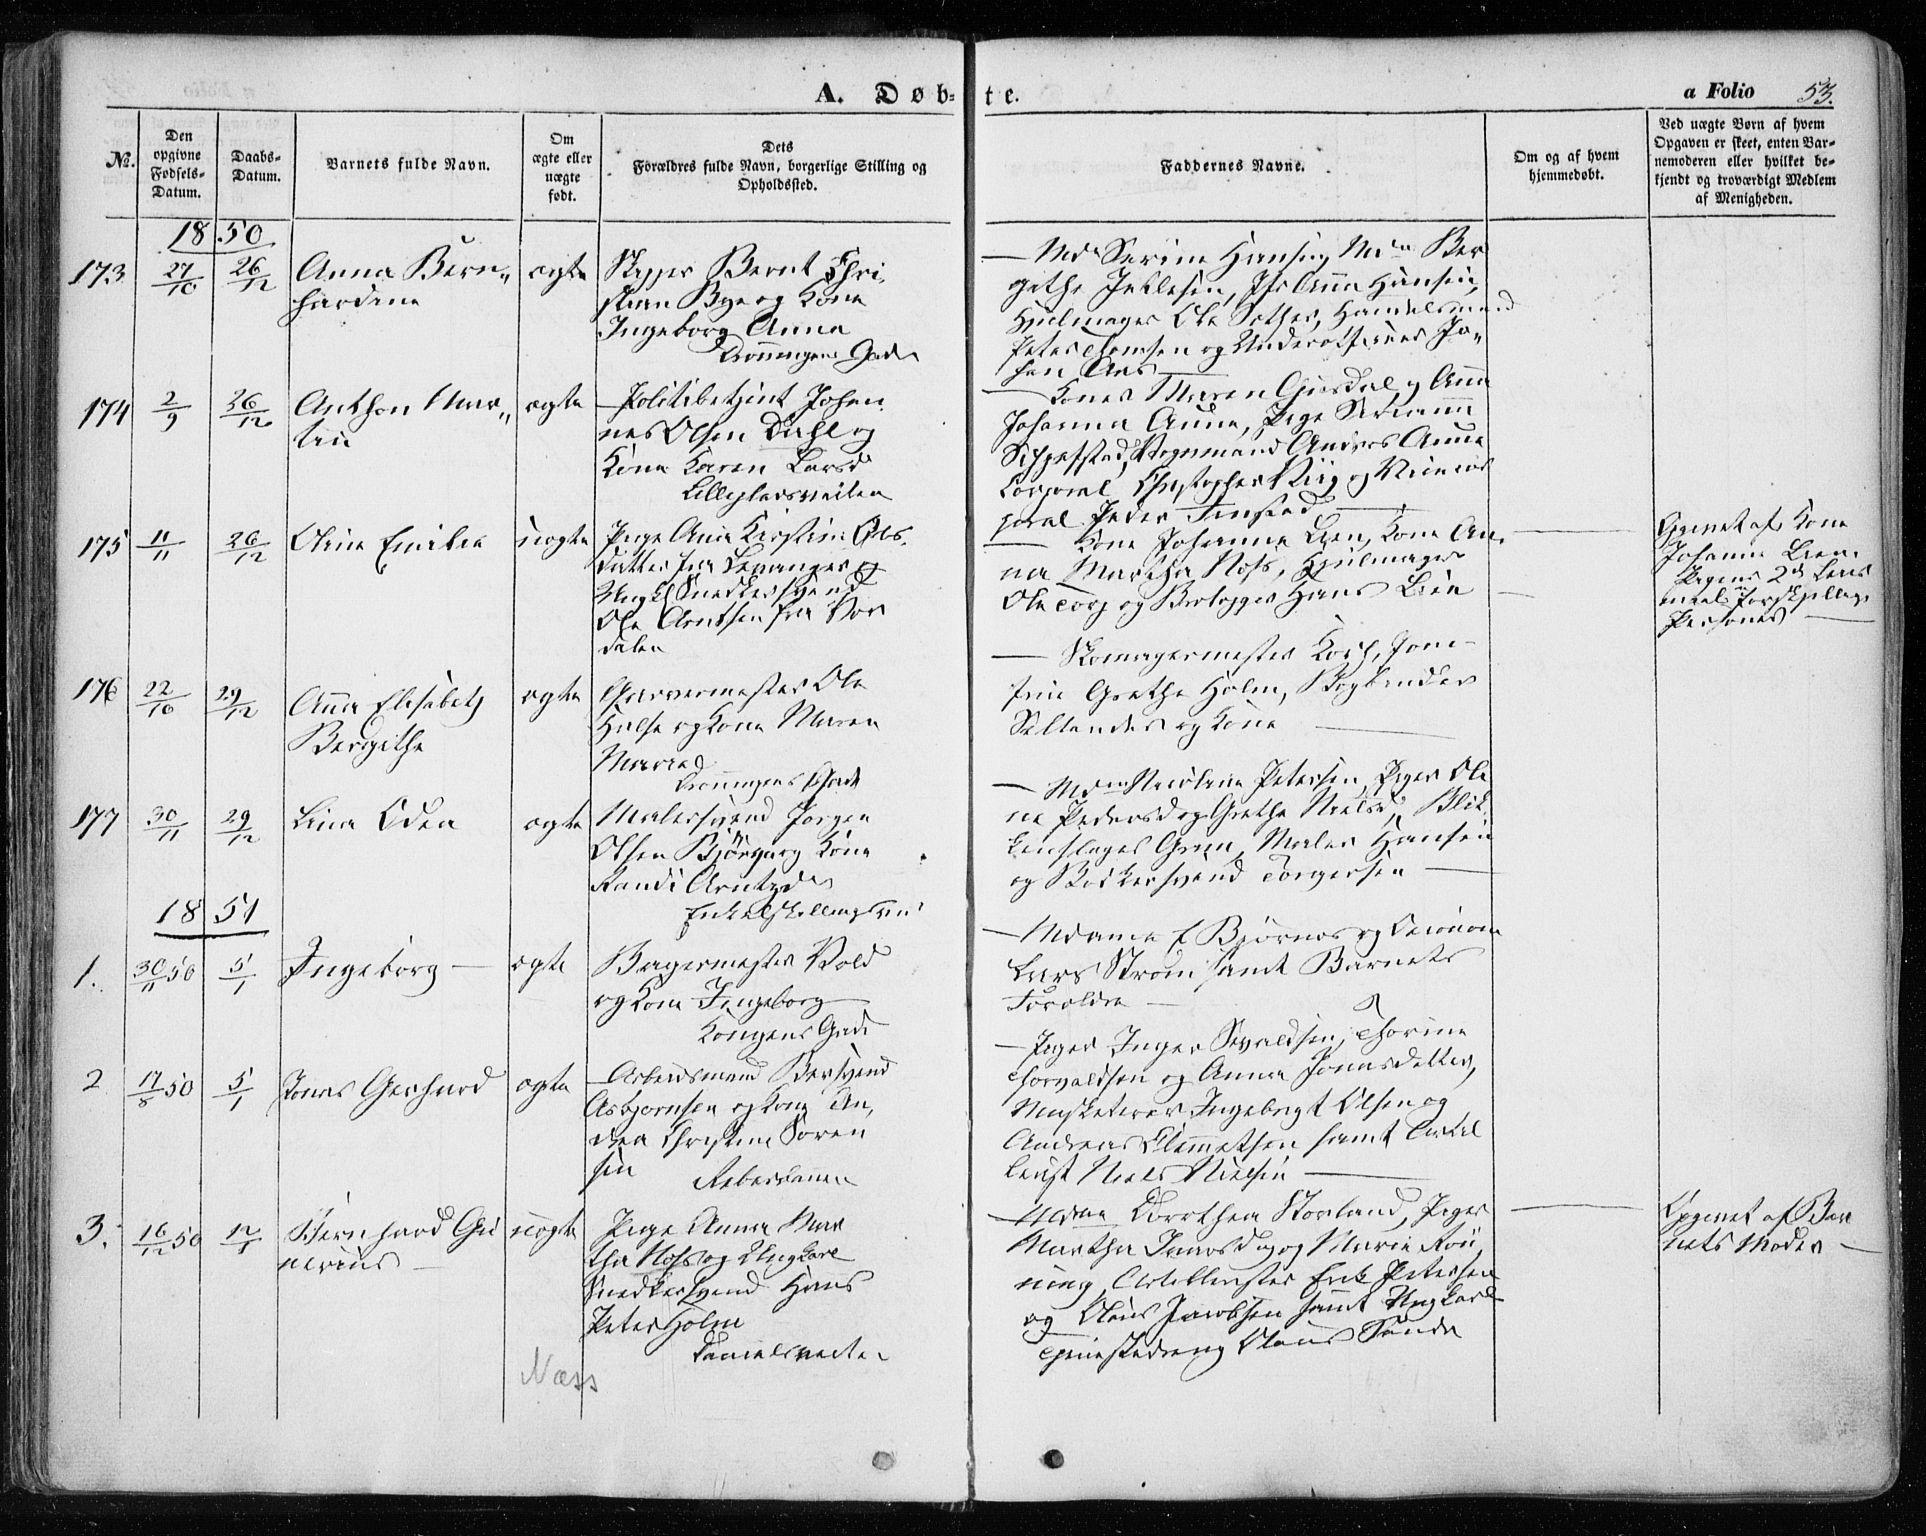 SAT, Ministerialprotokoller, klokkerbøker og fødselsregistre - Sør-Trøndelag, 601/L0051: Ministerialbok nr. 601A19, 1848-1857, s. 53